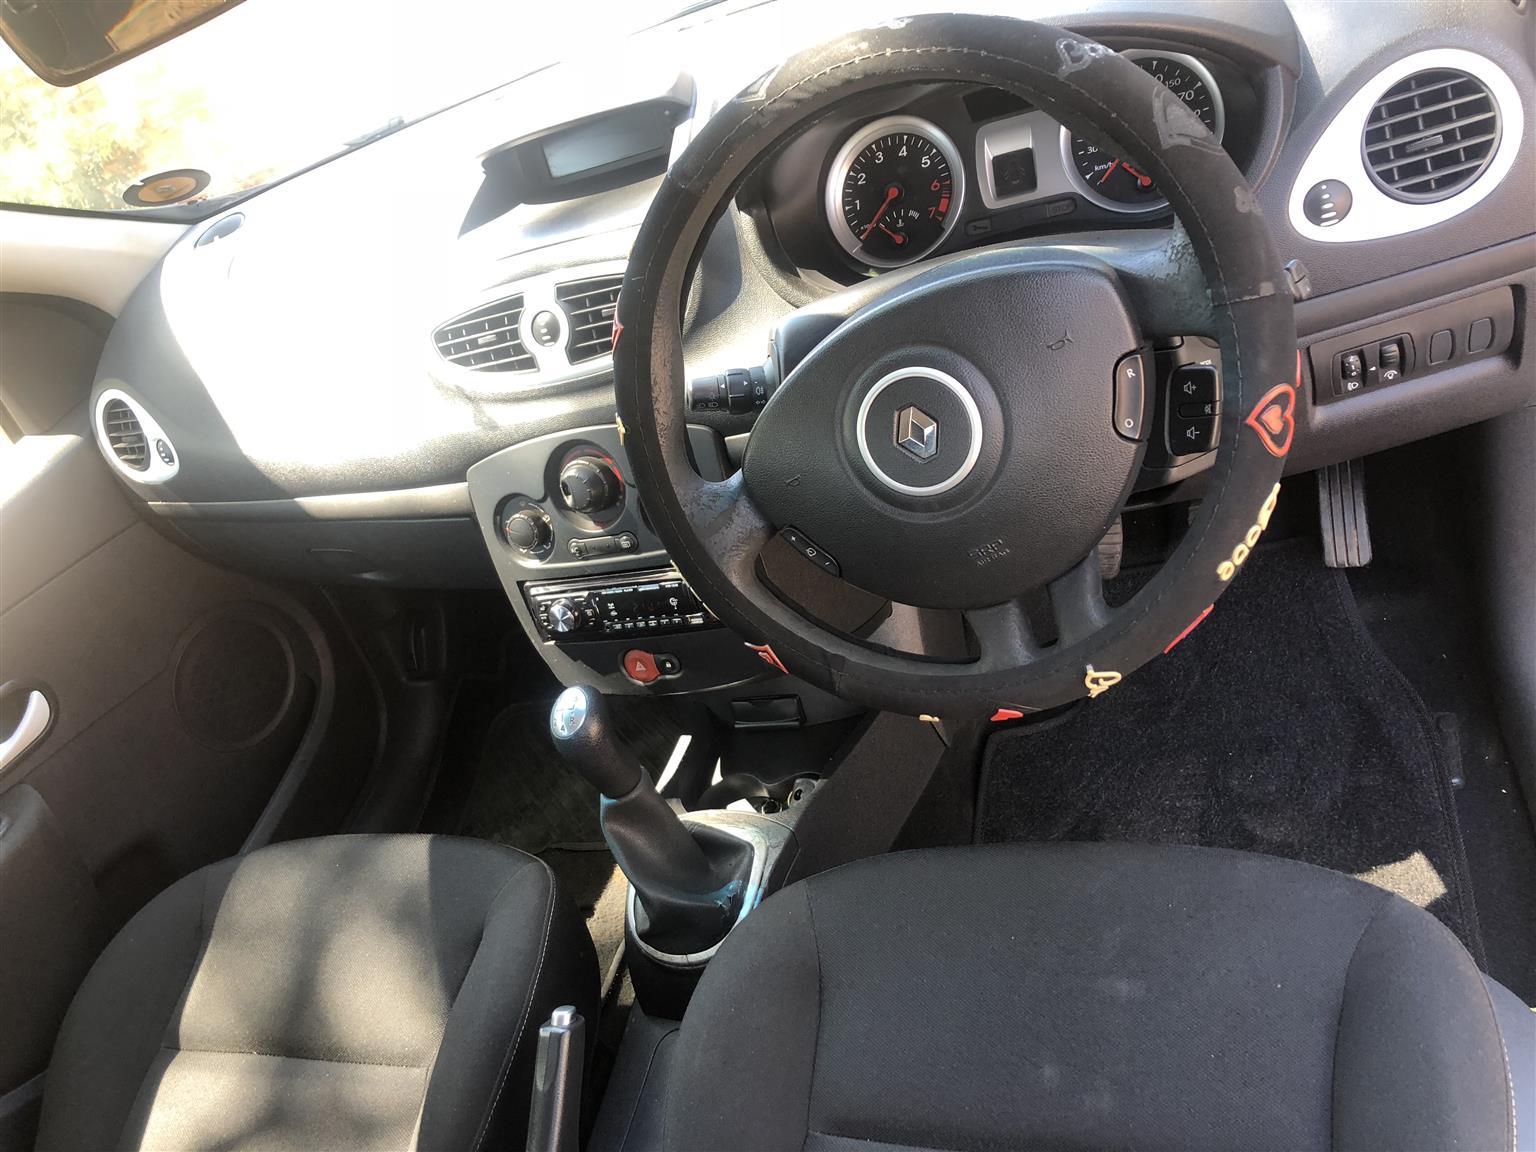 2012 Renault Clio 3